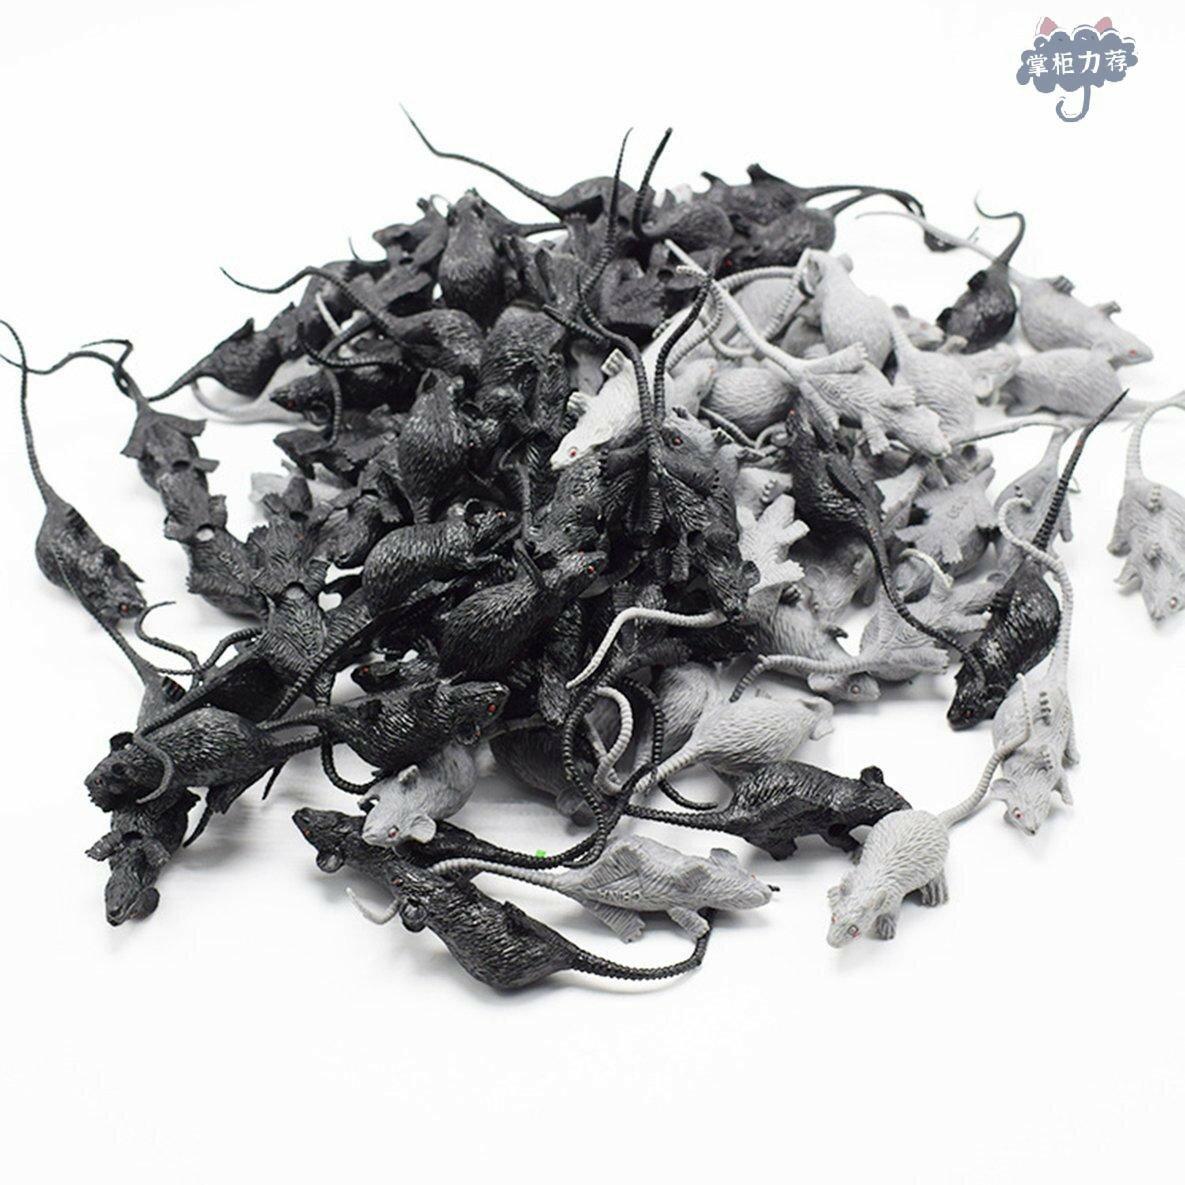 【全館免運】新的奇怪的模擬迷你鼠標蝎子模型調皮恐怖恐怖玩具